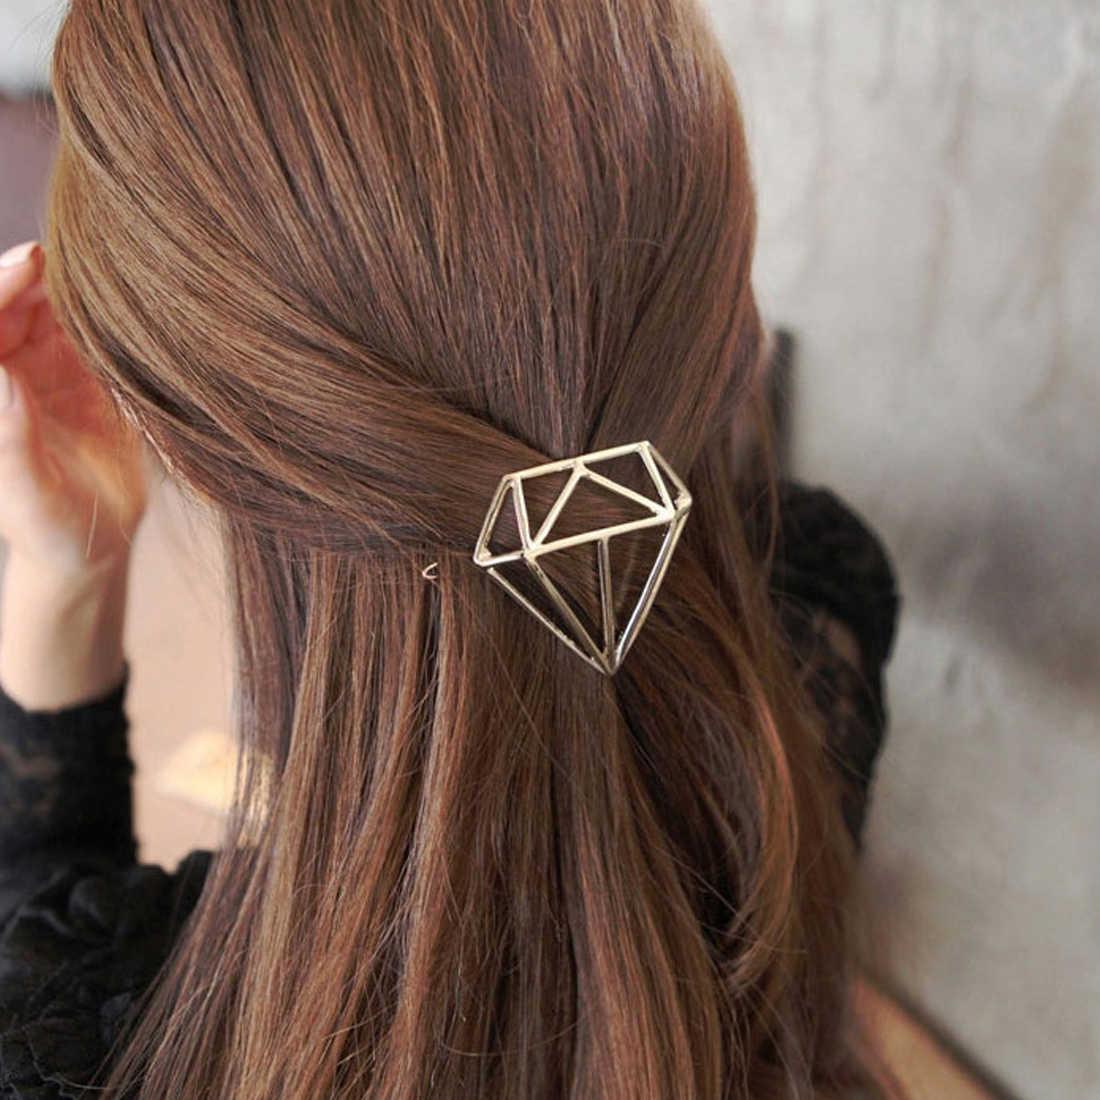 Diamante princesa Metal horquillas geométricas Rana hebilla Clip para el pelo hueco oro plata accesorios para el pelo para la cabeza fiesta mujeres niñas